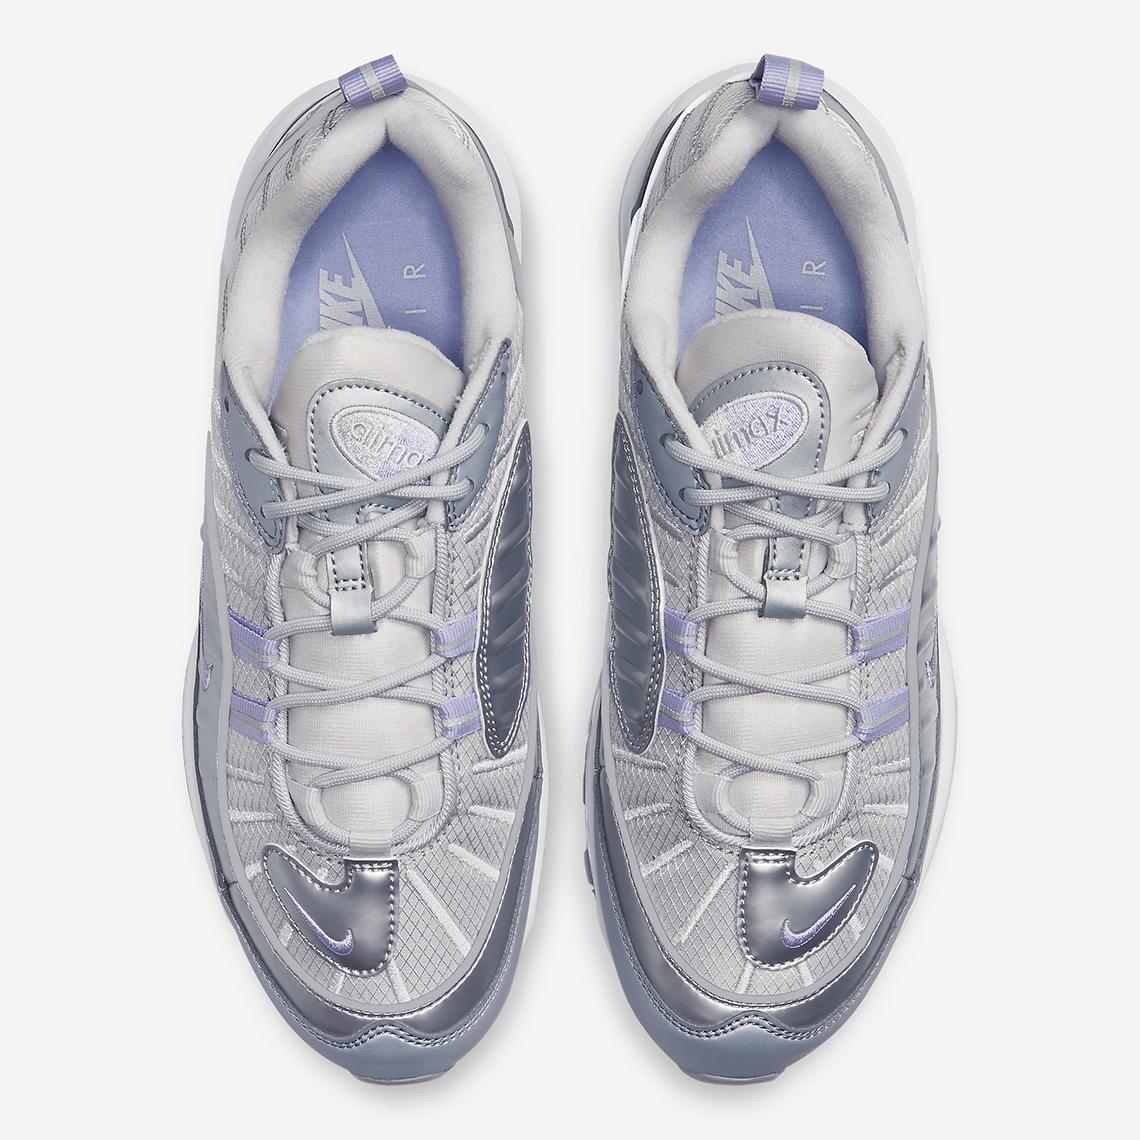 Nike Air Max 98 Silver Purple BV6536 001 |